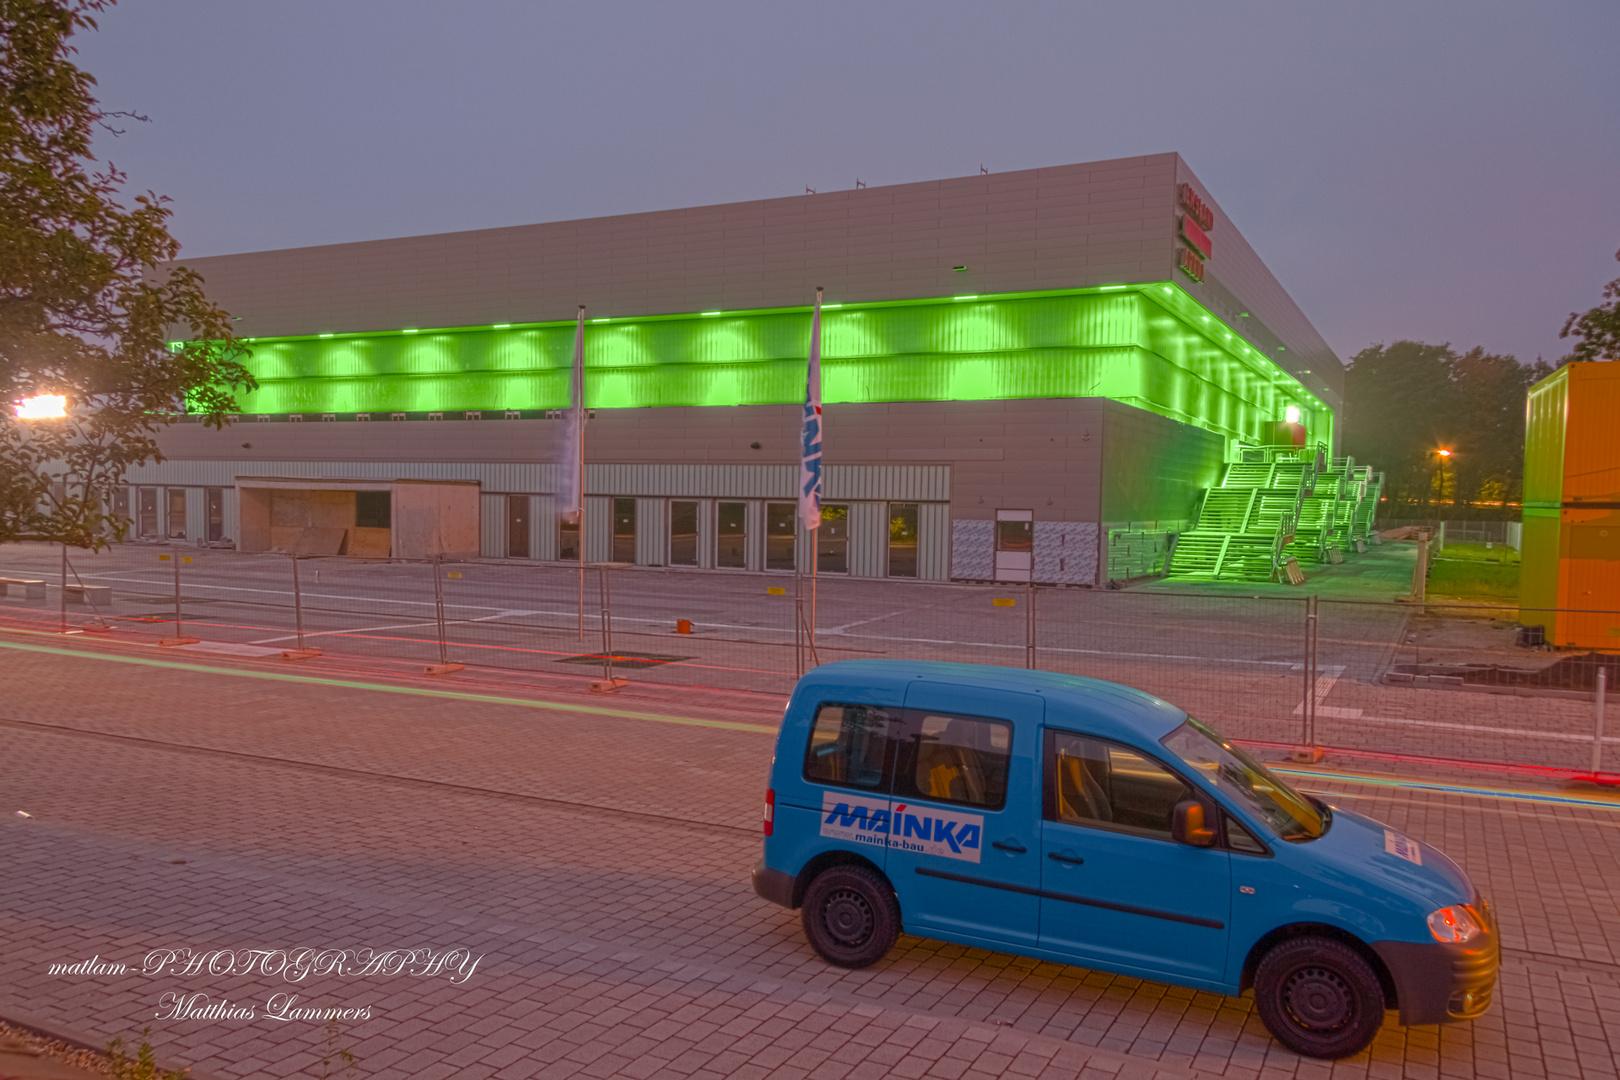 Emsland Arena Lingen Ems